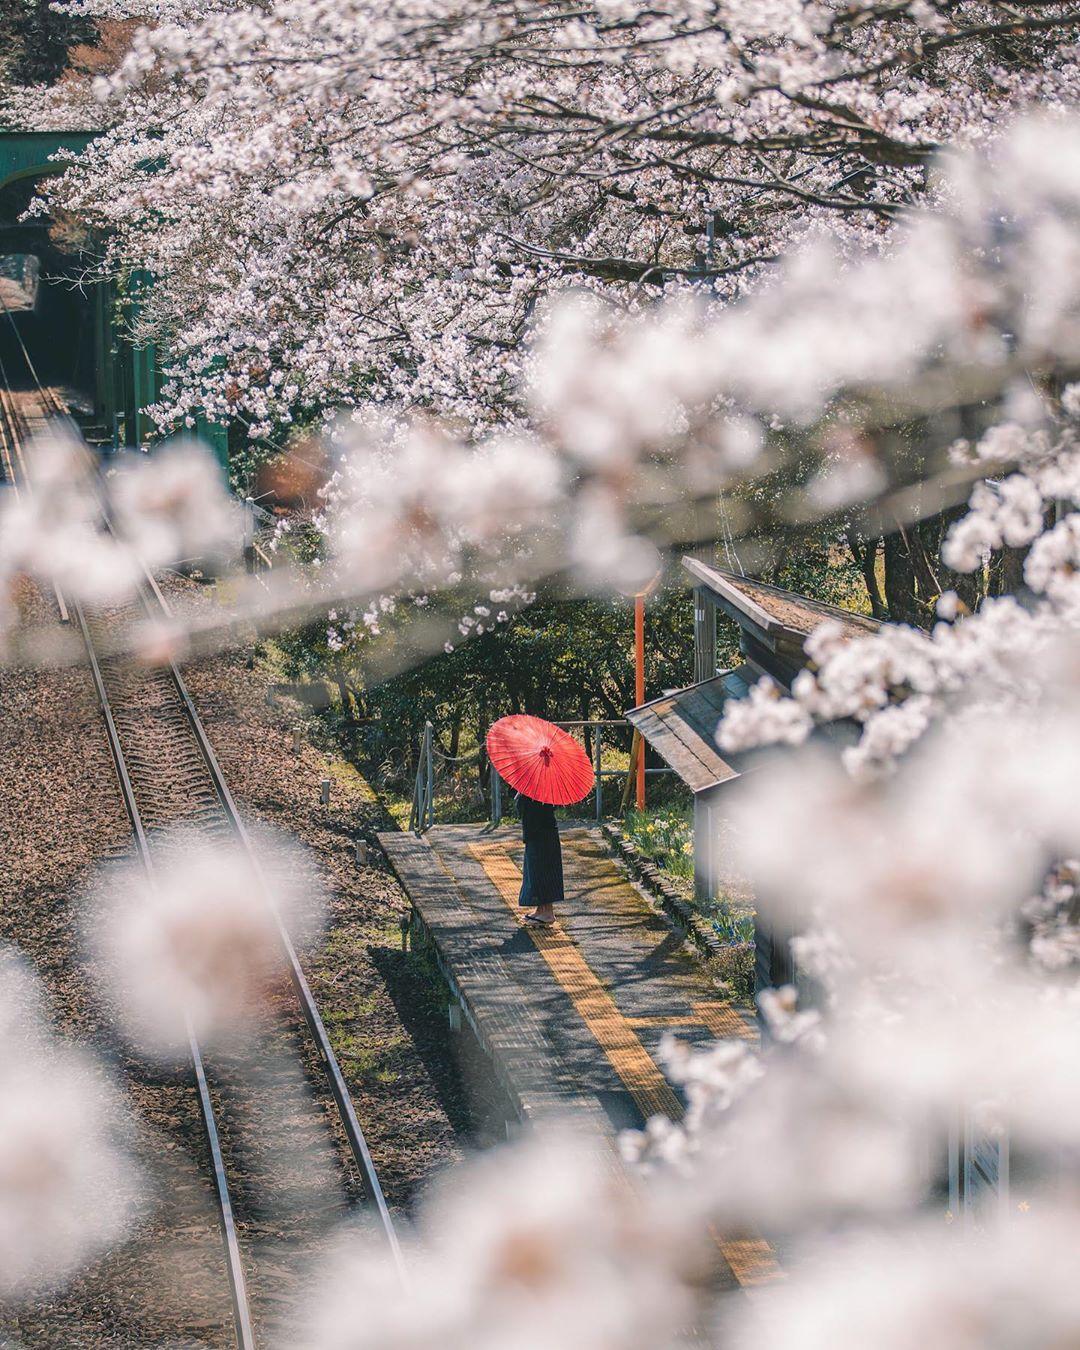 Города и улицы Японии на снимках Такеши Хаякавы